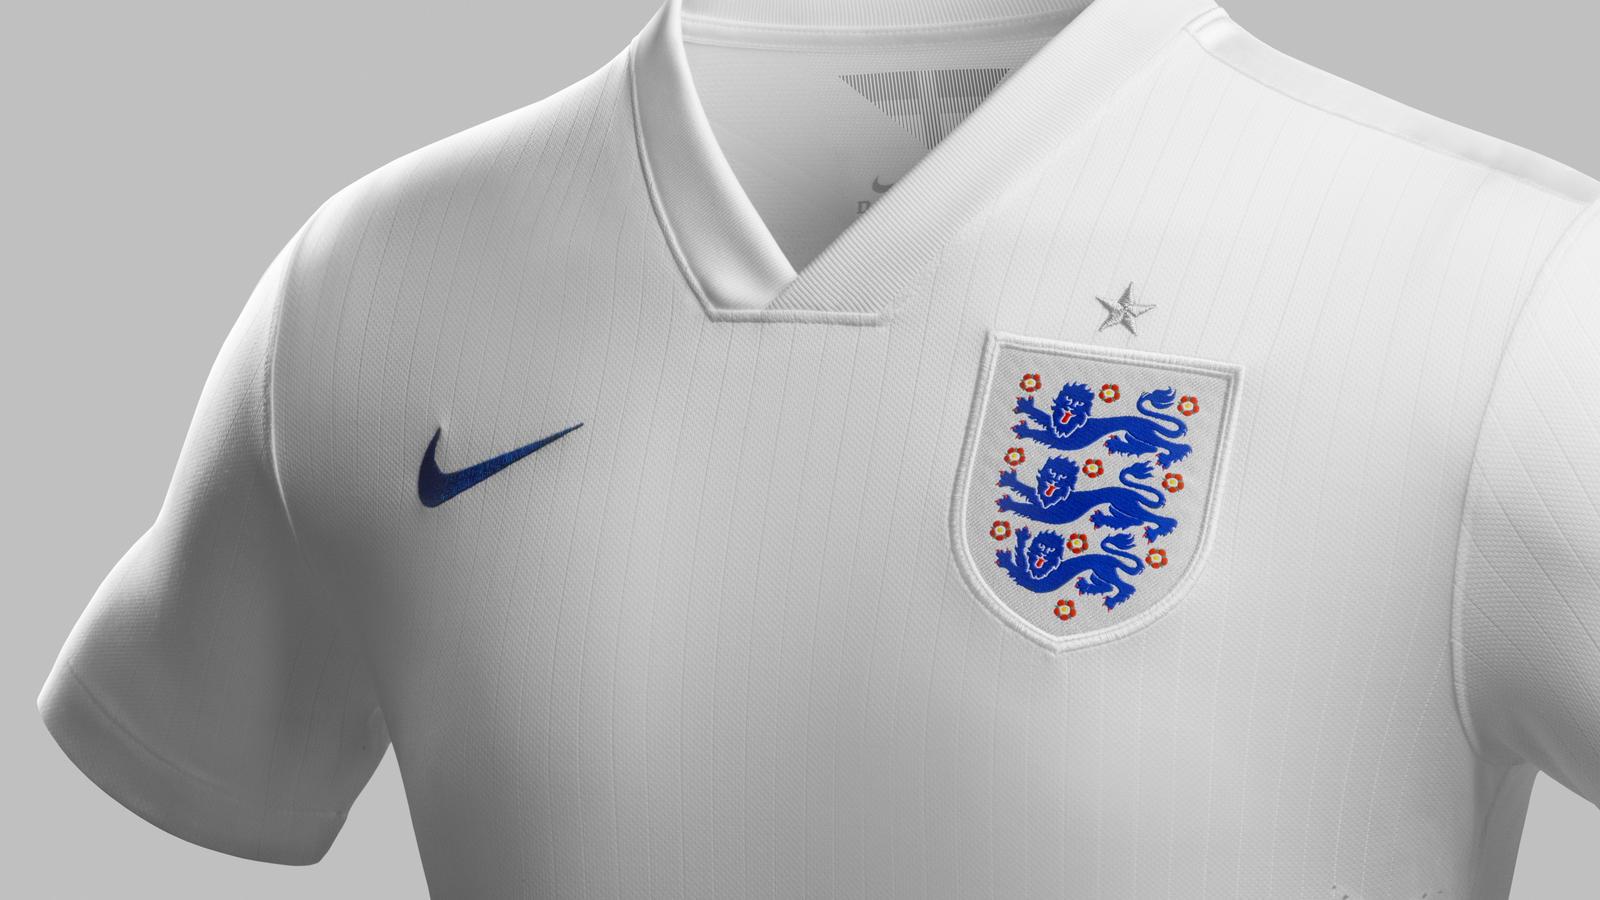 England home shirt (collar)